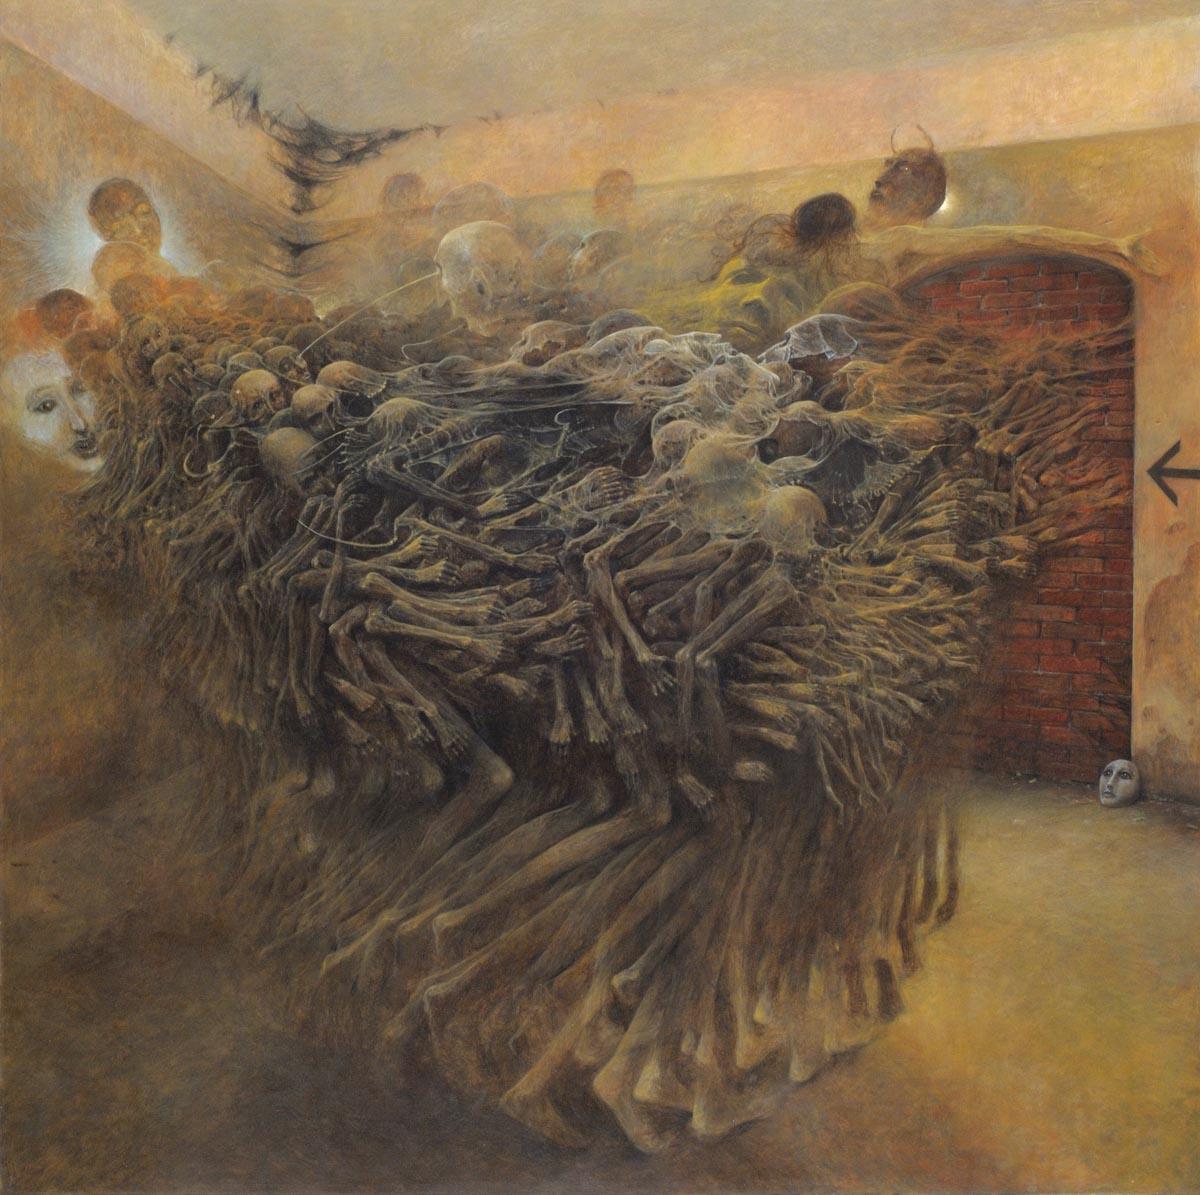 Zdzisław Beksiński, obrazy, surrealizm, sanok, muzeum w sanoku,